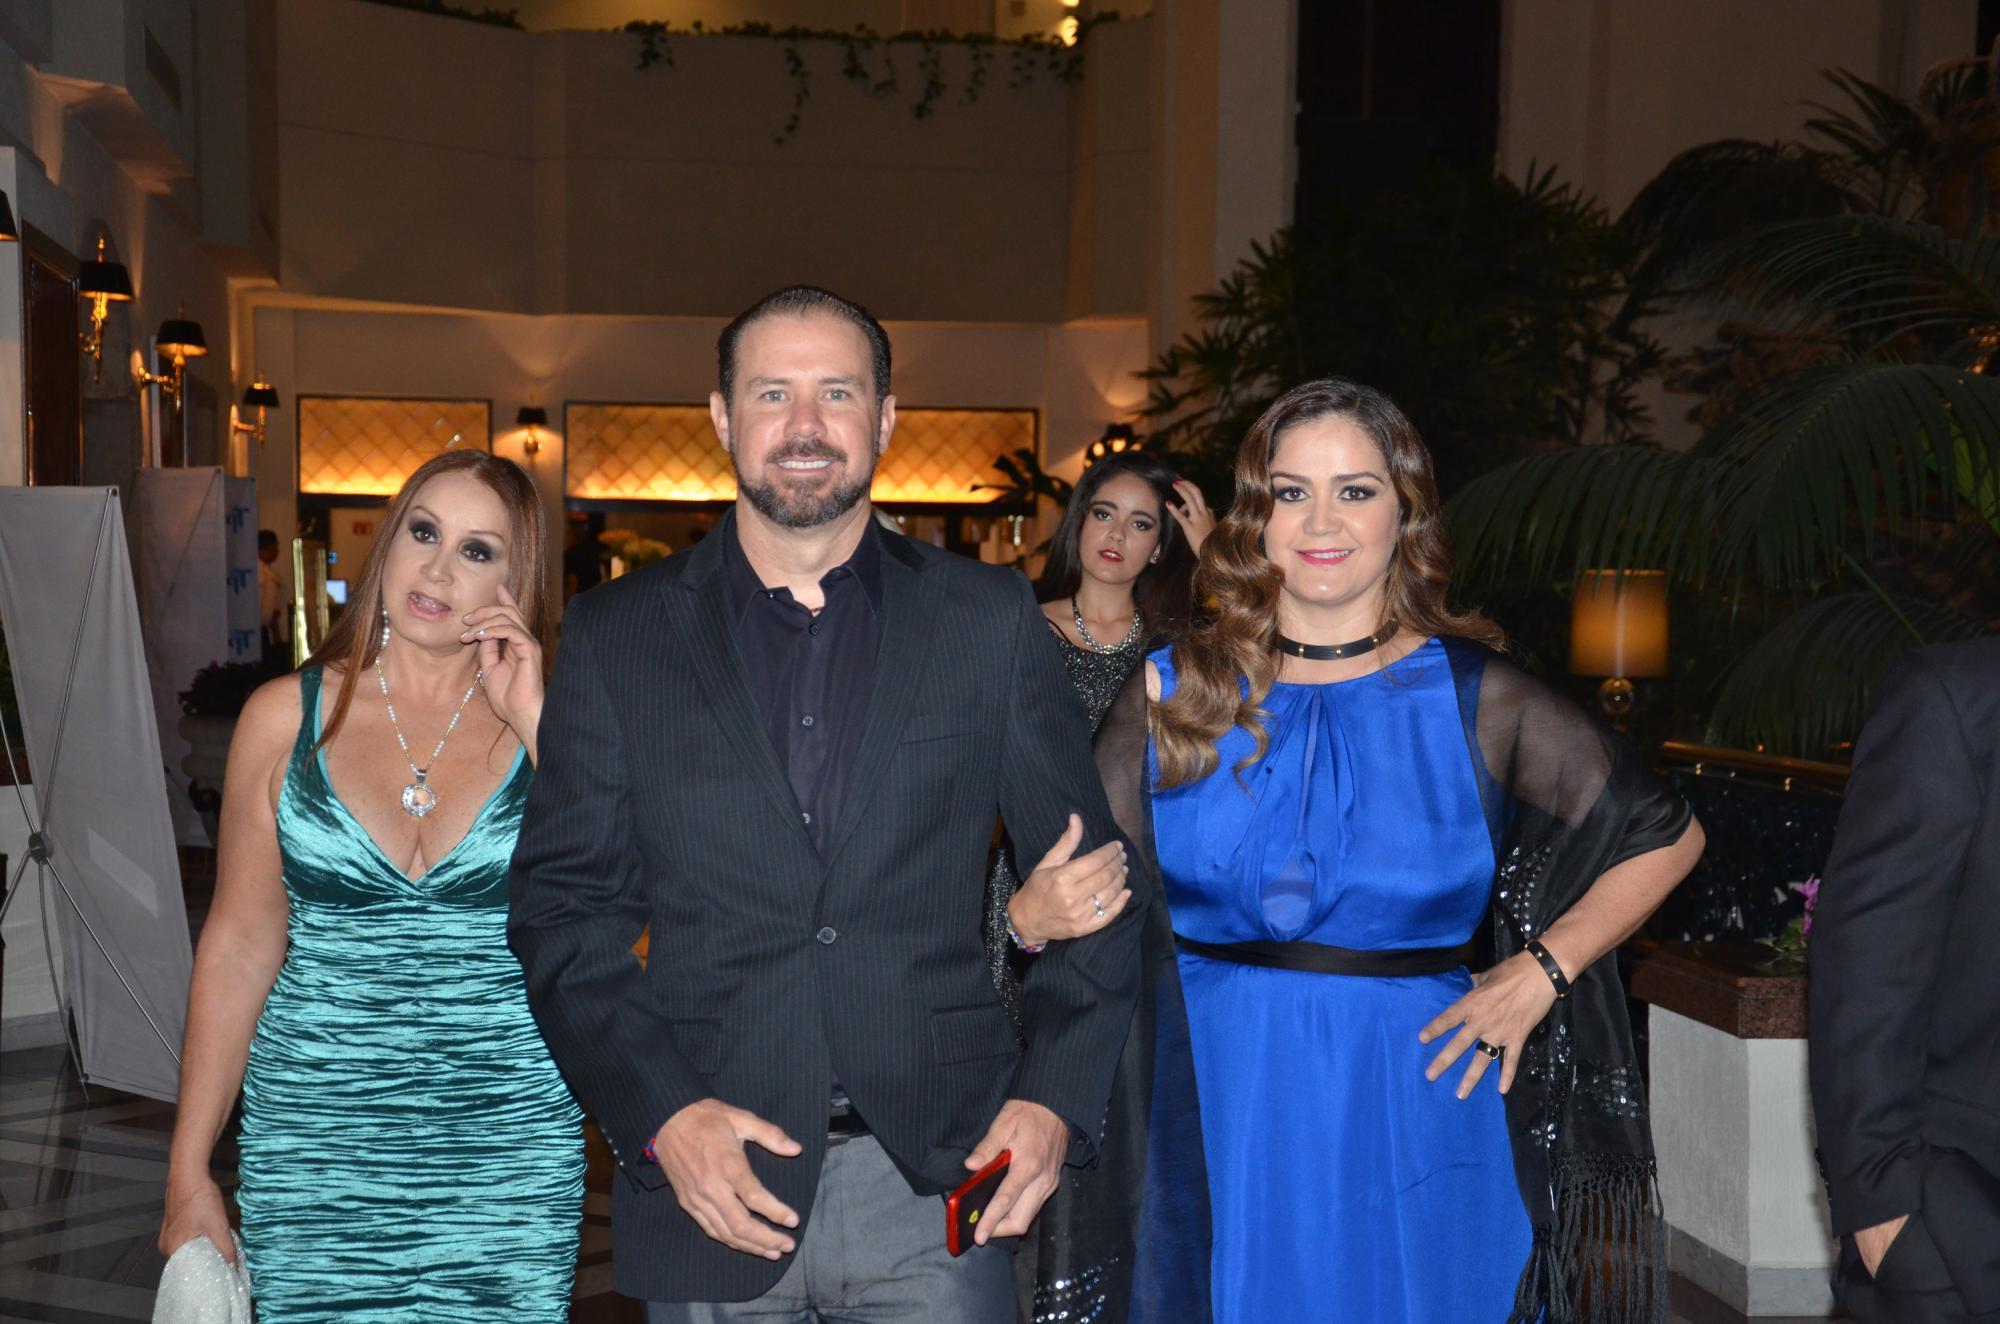 Susana Escalante, Gerardo Venegas y Mónica Venegas .